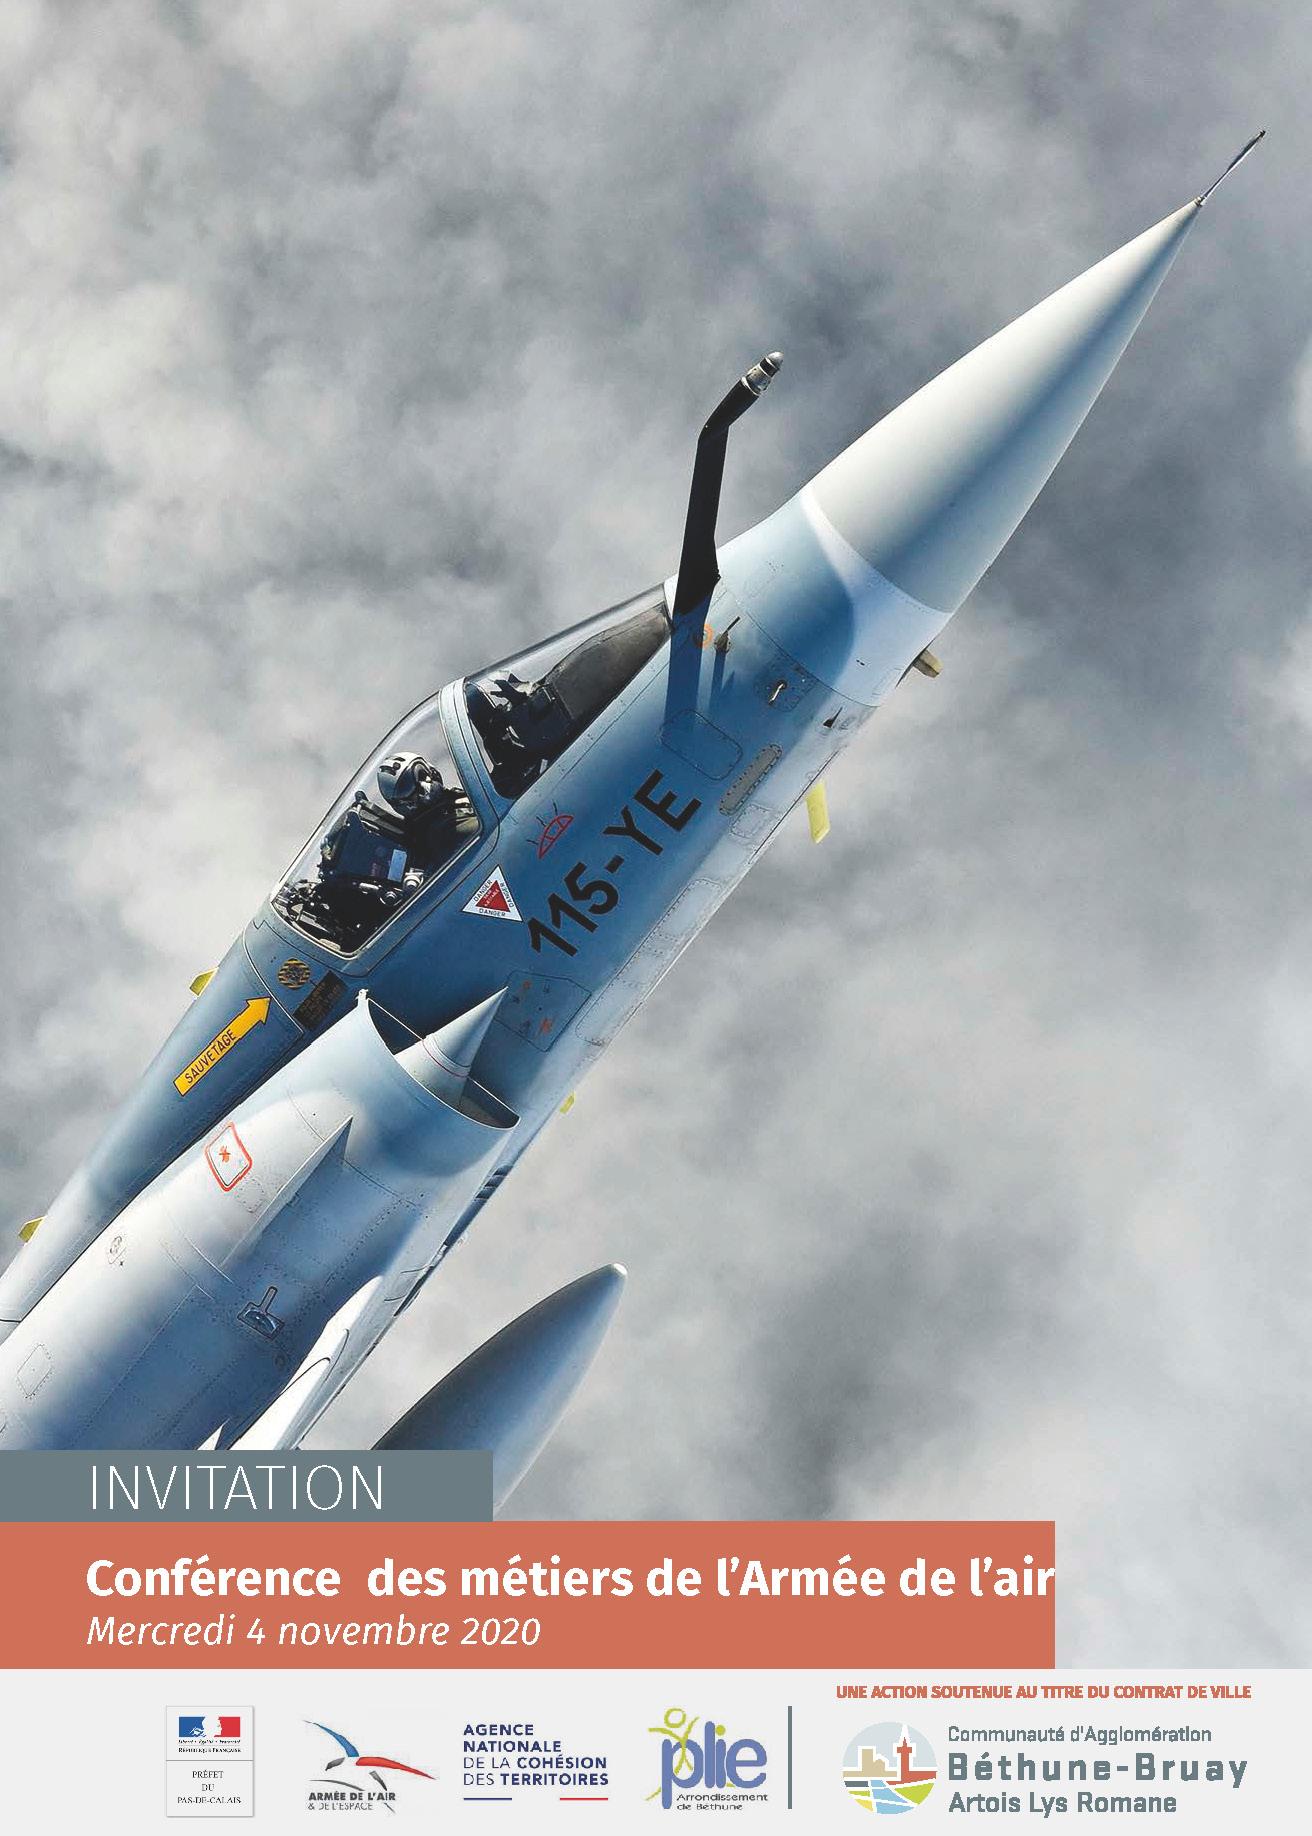 Conférence des métiers de l'Armée de l'air @ Hall du stade de glisse | Nœux-les-Mines | Hauts-de-France | France